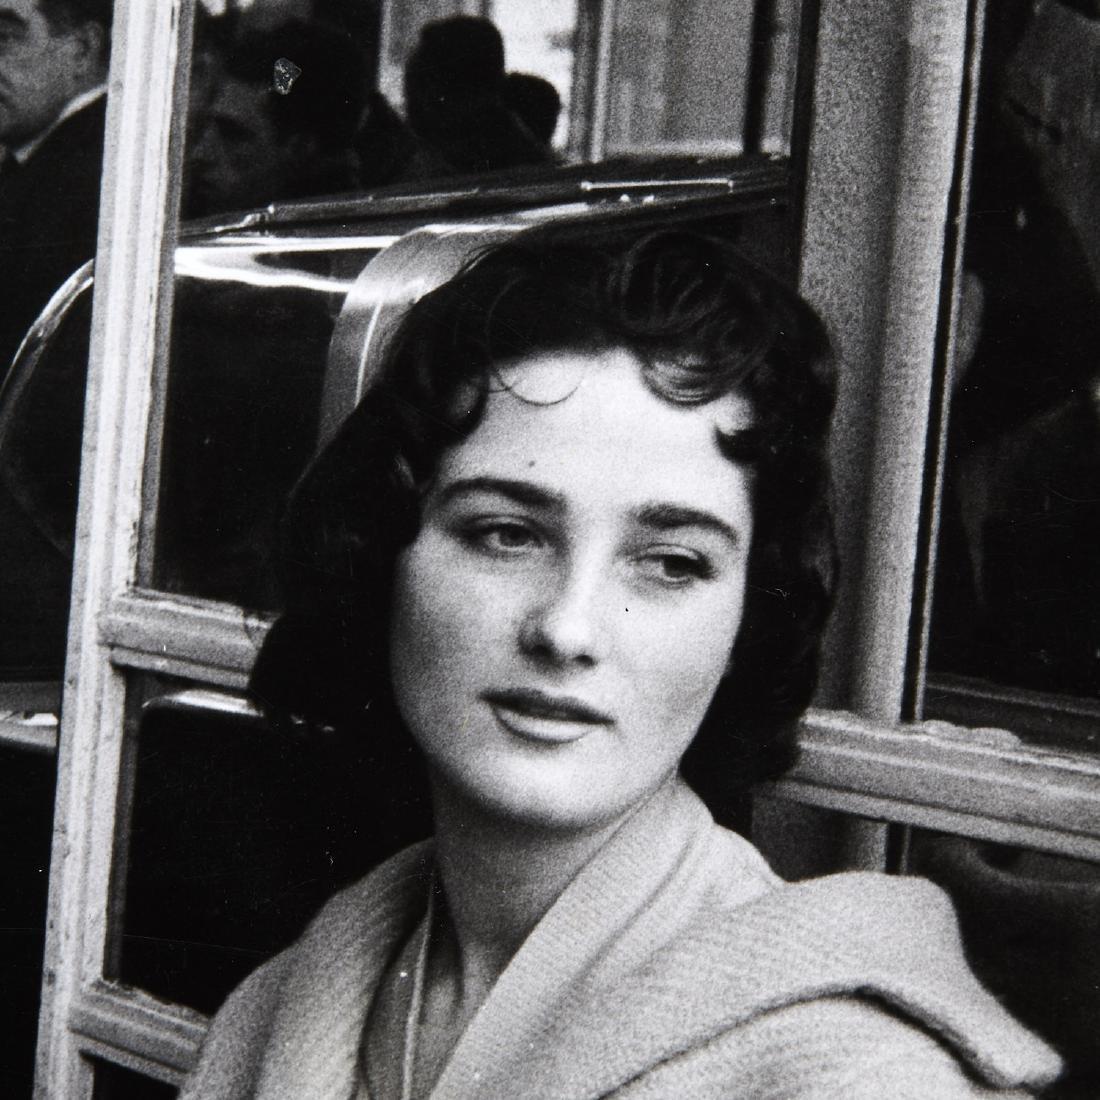 Robert Doisneau, photograph - 2